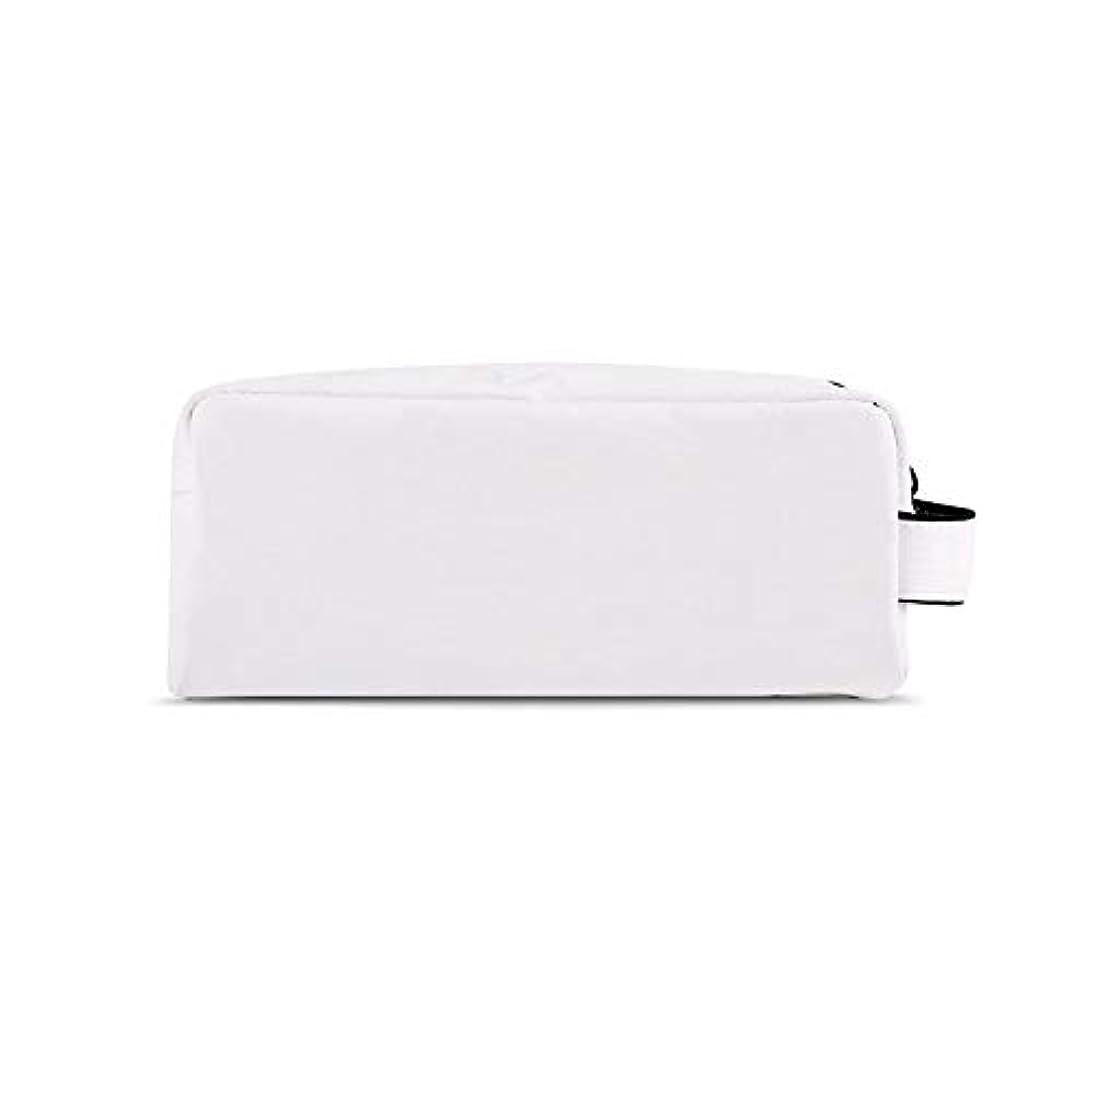 忘れるもう一度ネット化粧オーガナイザーバッグ 化粧品の化粧ブラシのための携帯用ジッパーの収納袋専門旅行構造袋旅行付属品の大容量の防水洗浄袋 化粧品ケース (色 : 白, サイズ : S)